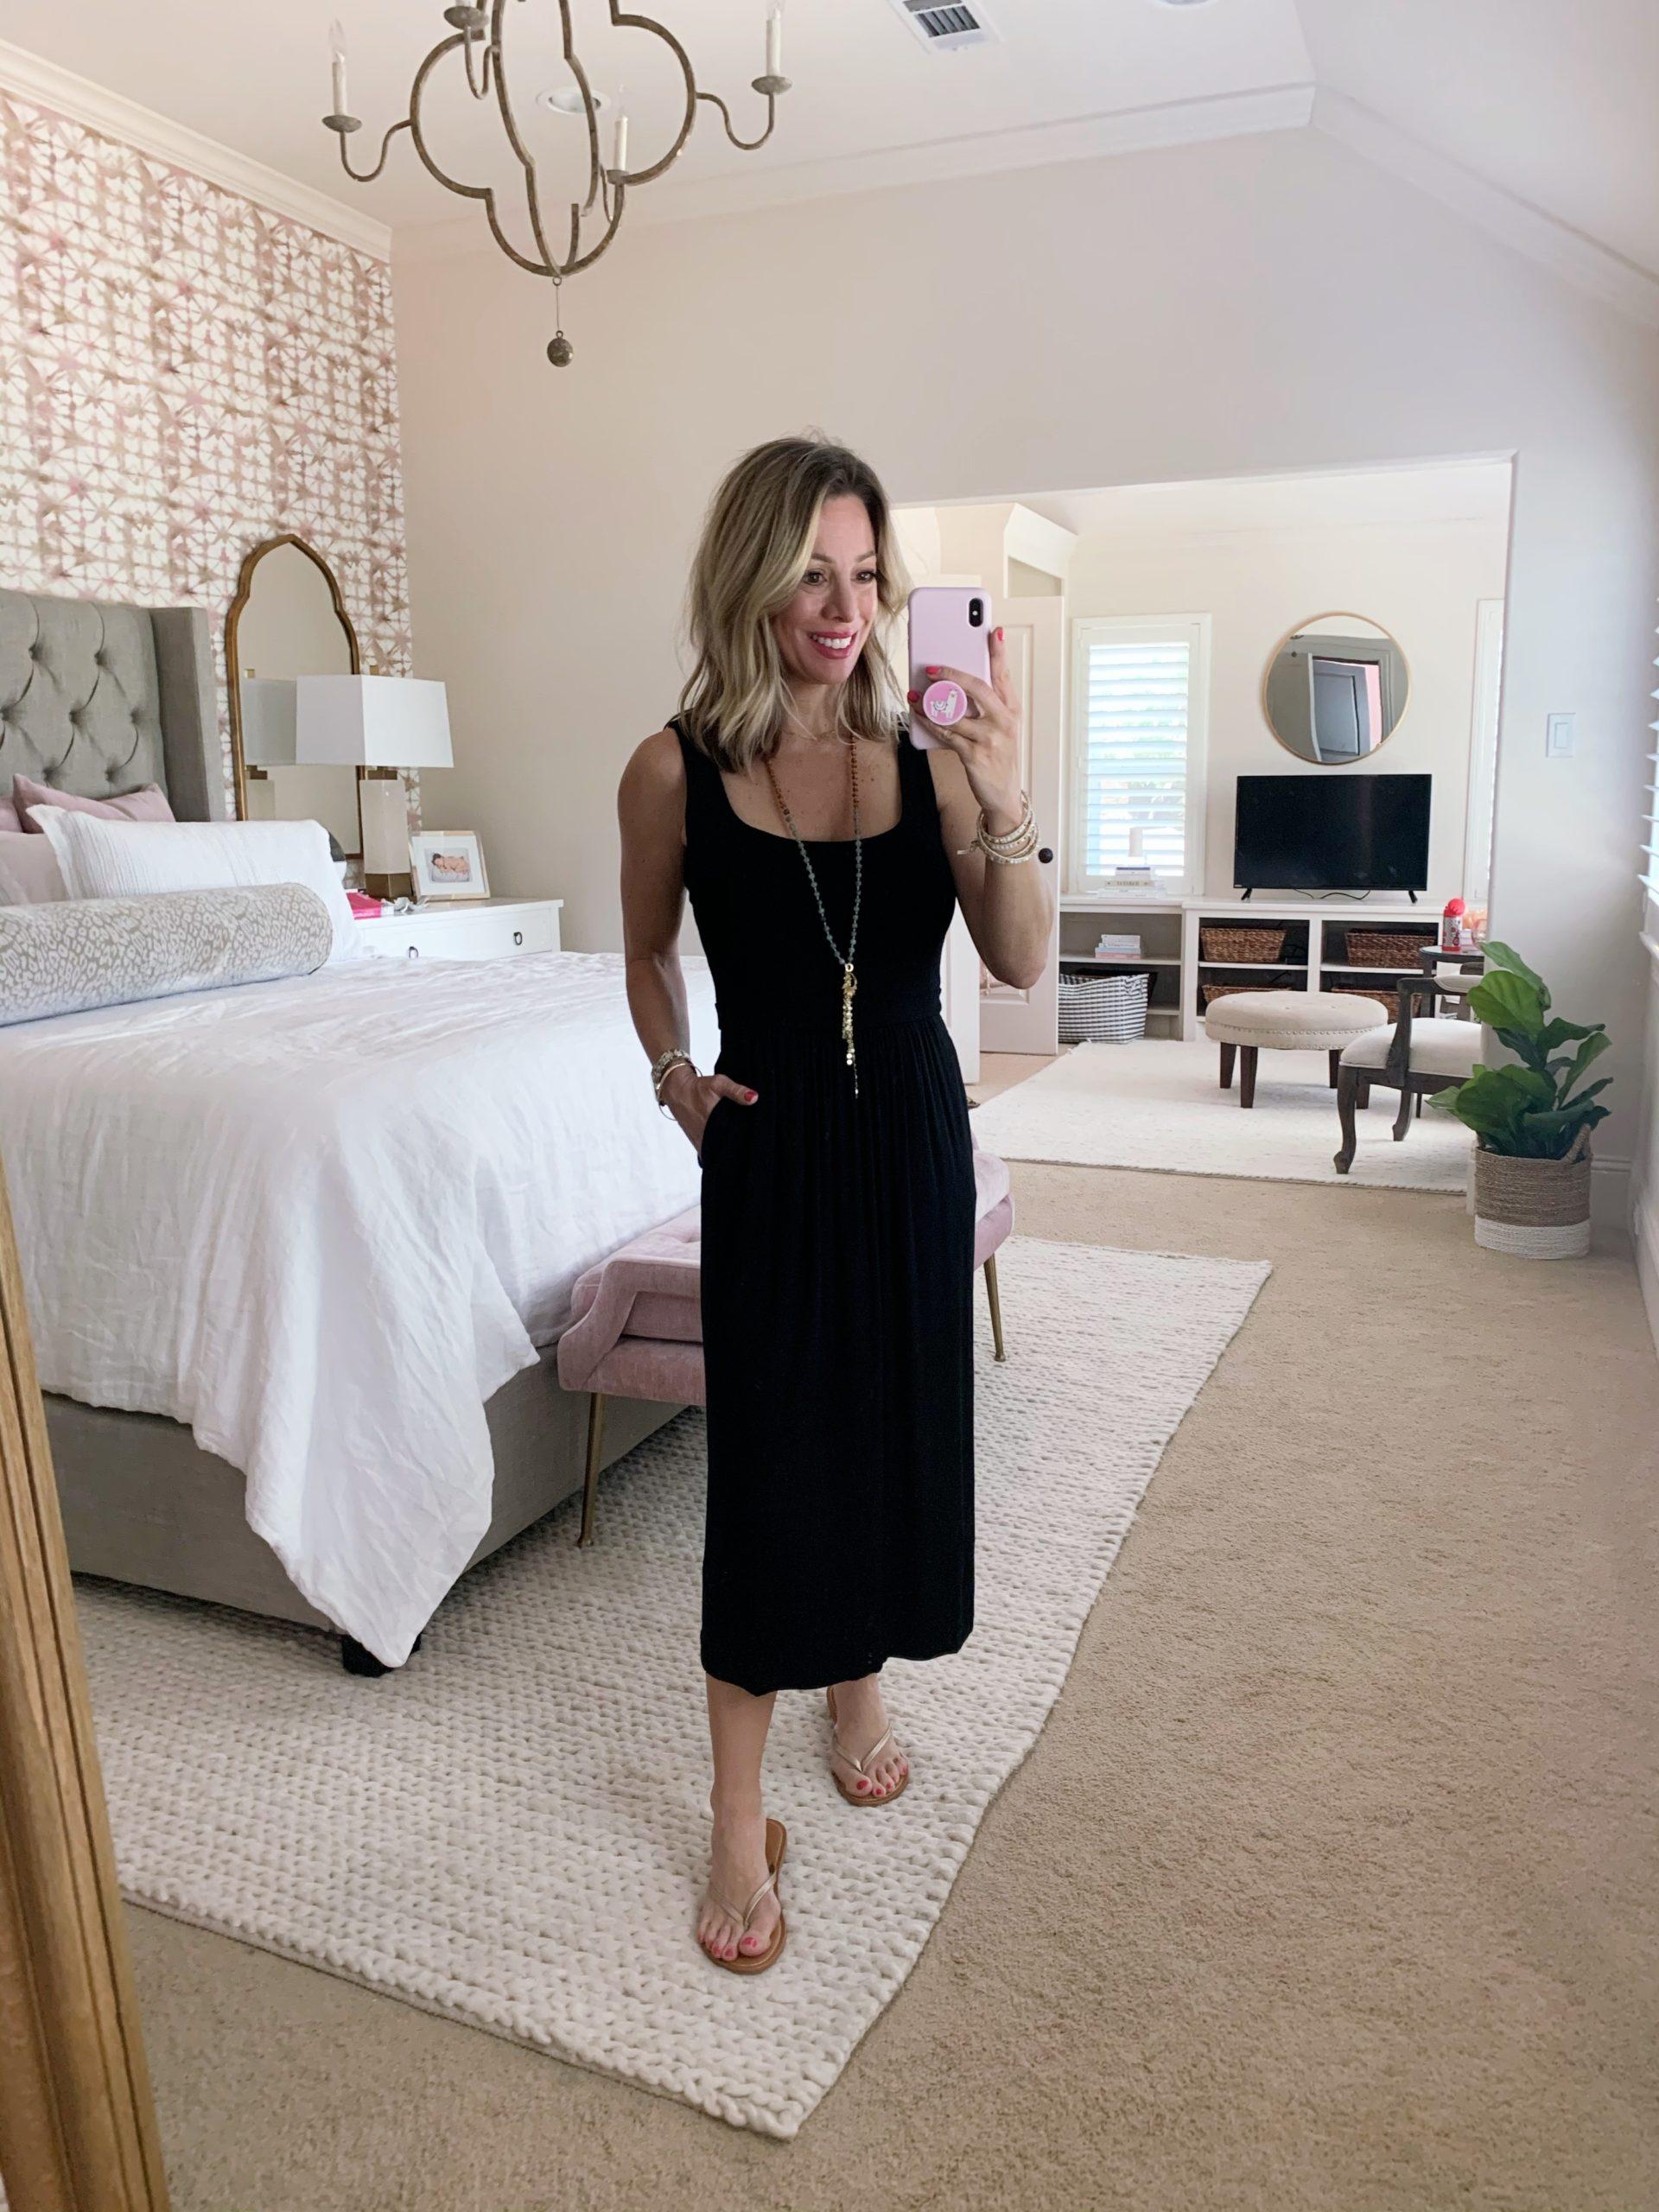 Jersey Knit Tank Dress, Gold Flip Flops, Tassel Necklace